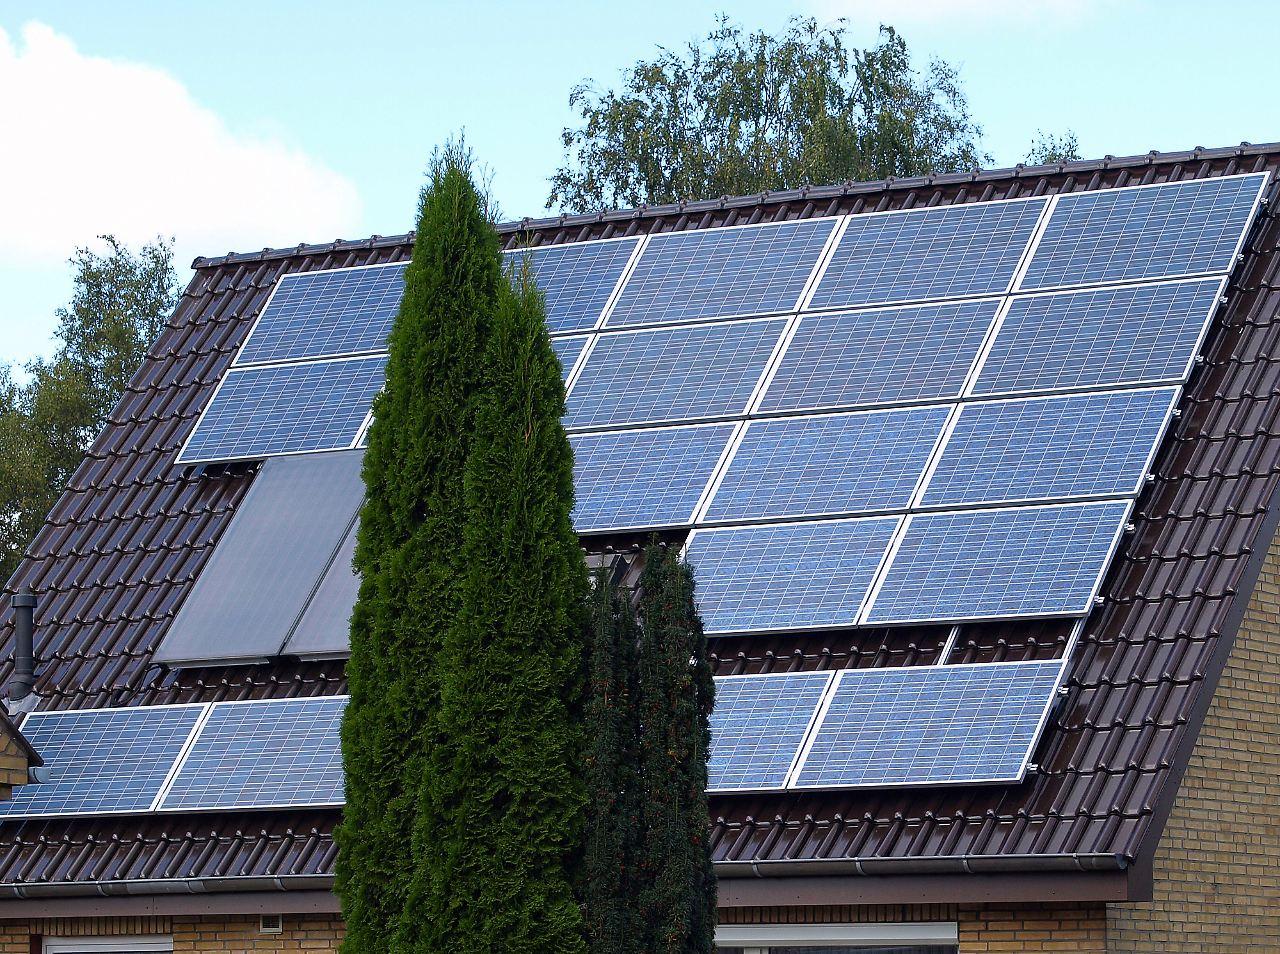 viele argumente sprechen dagegen schnell solarstrom aufs dach n. Black Bedroom Furniture Sets. Home Design Ideas